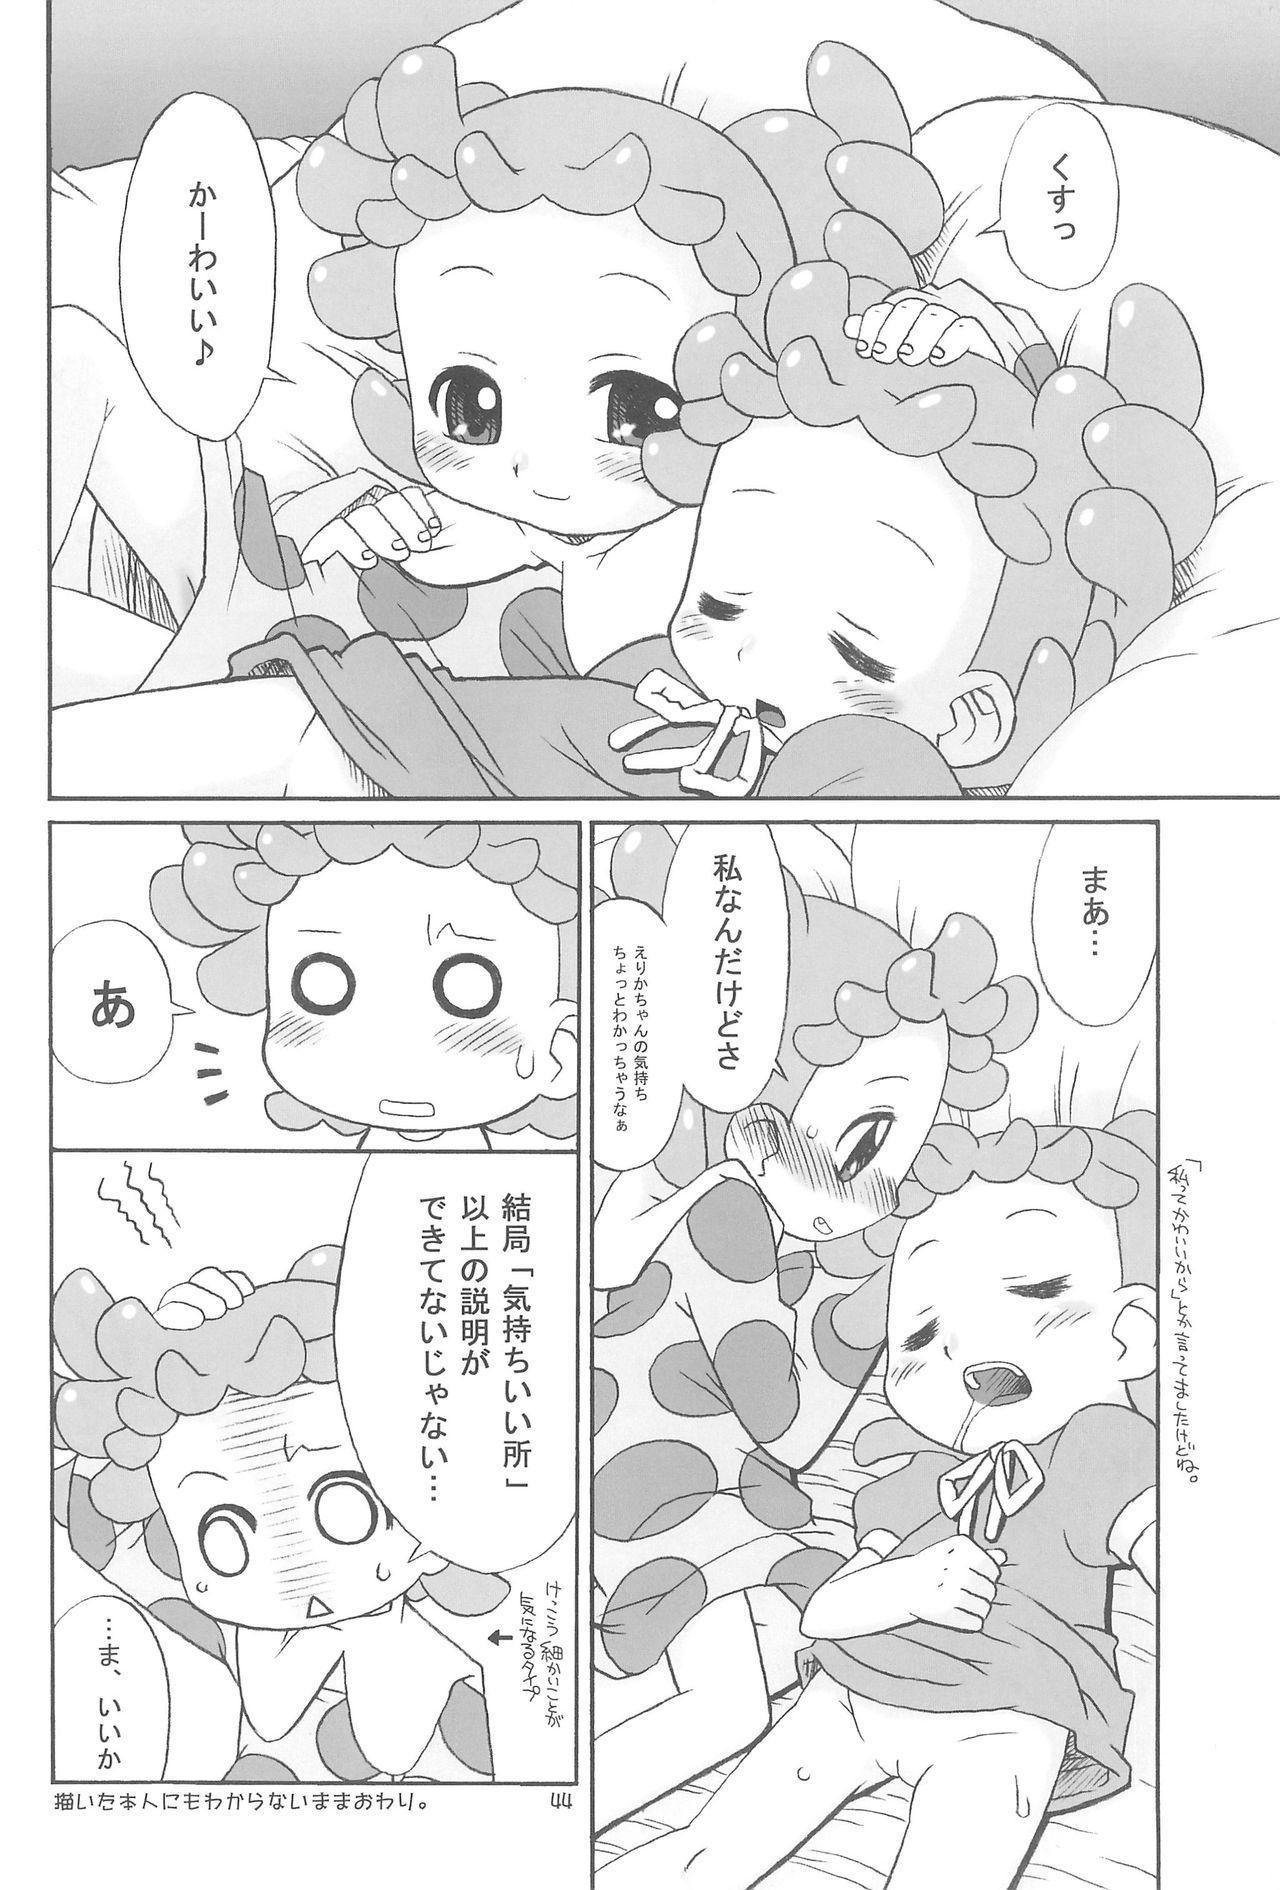 Tayorinai Bokura no Hateshinai Ashita. 43